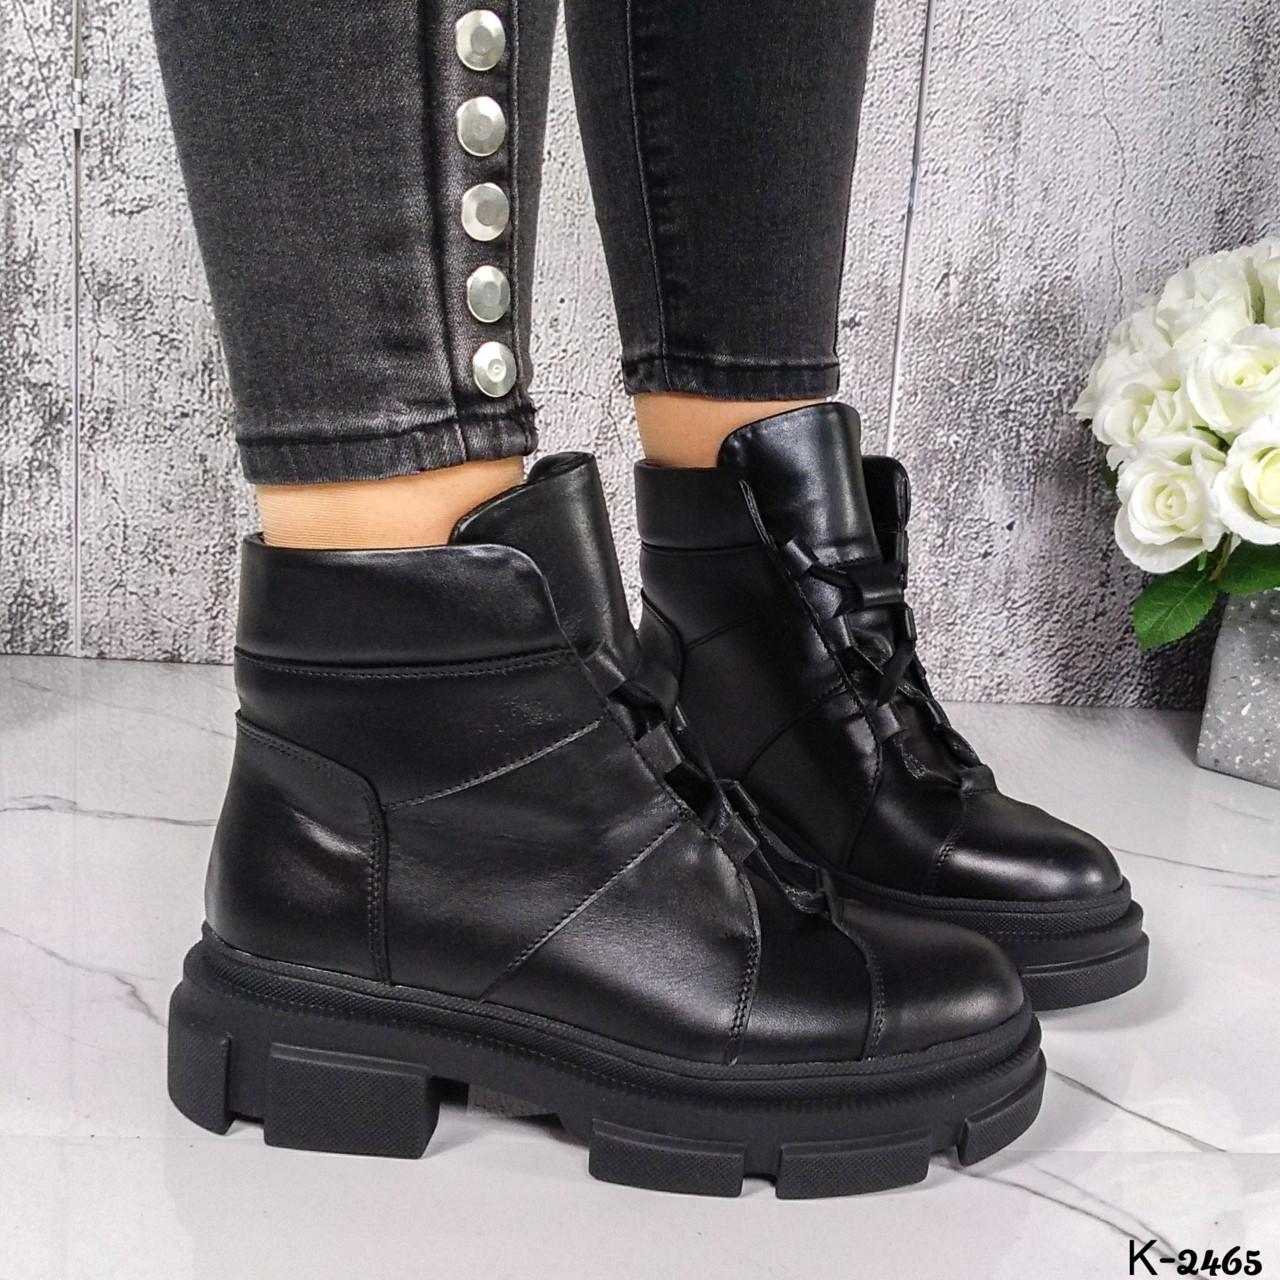 Жіночі демісезонні чорні черевики, натуральна шкіра